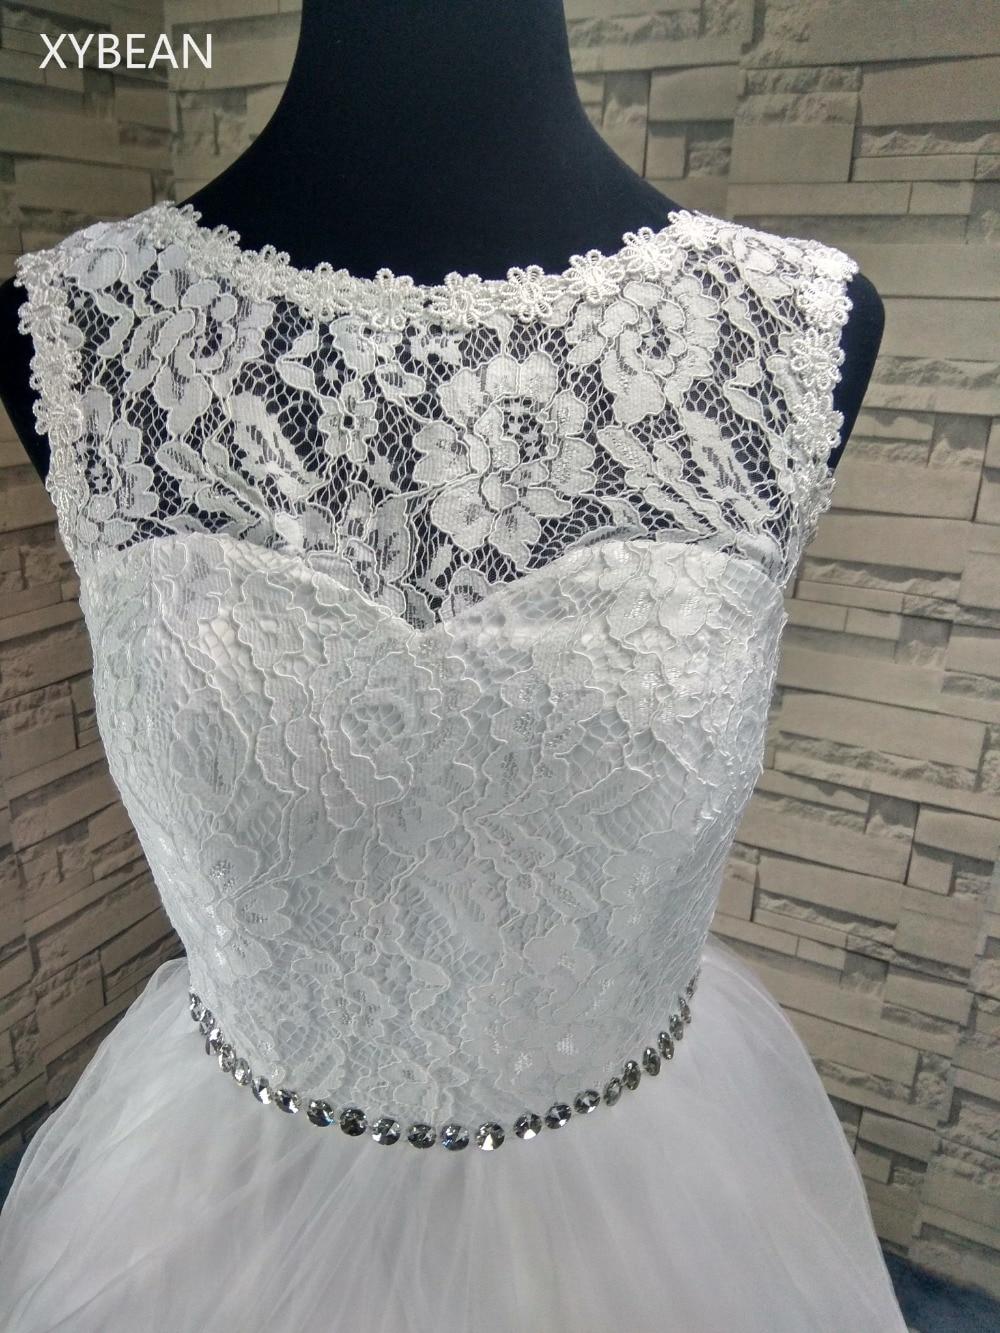 Groß Viktorianischer Spitze Brautkleider Fotos - Hochzeit Kleid ...